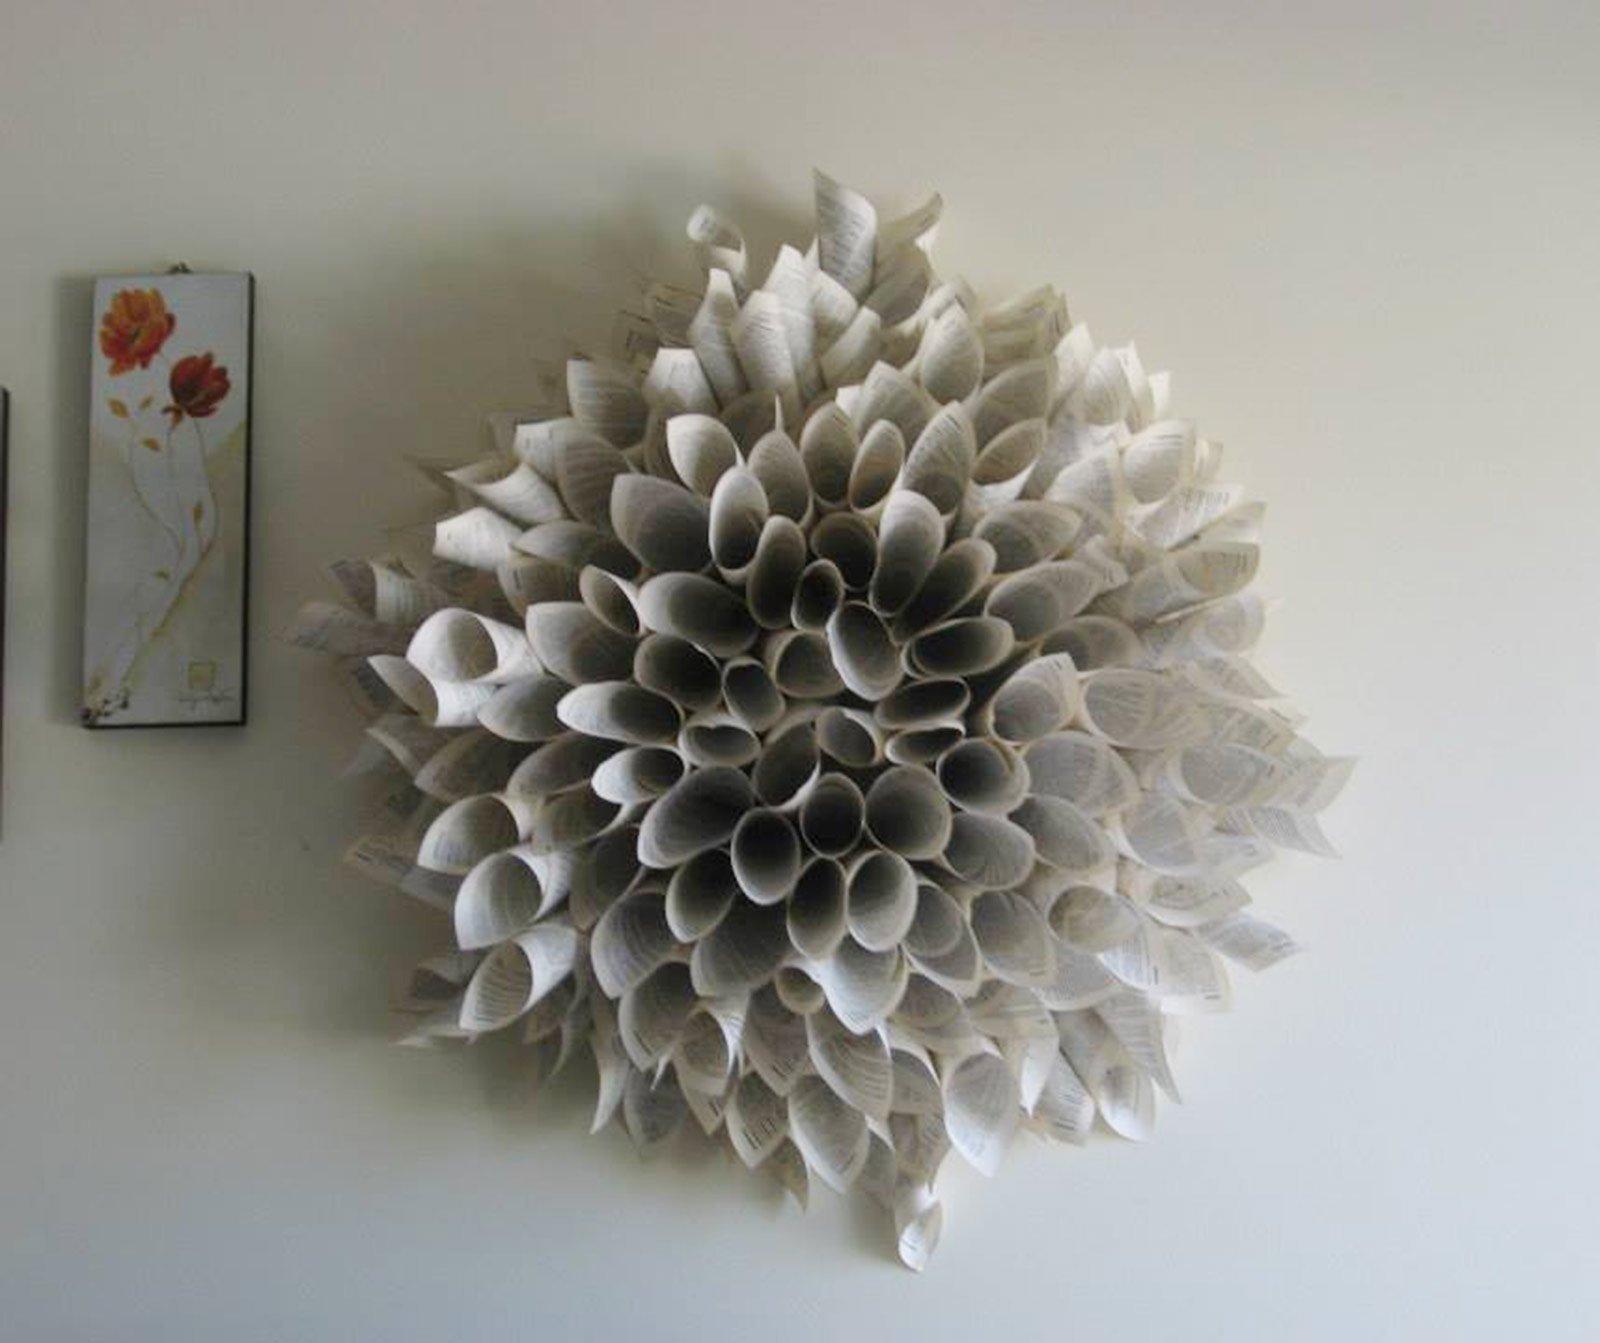 Ghirlanda di carta come cornice o decoro cose di casa - Specchio per valutazione posturale ...